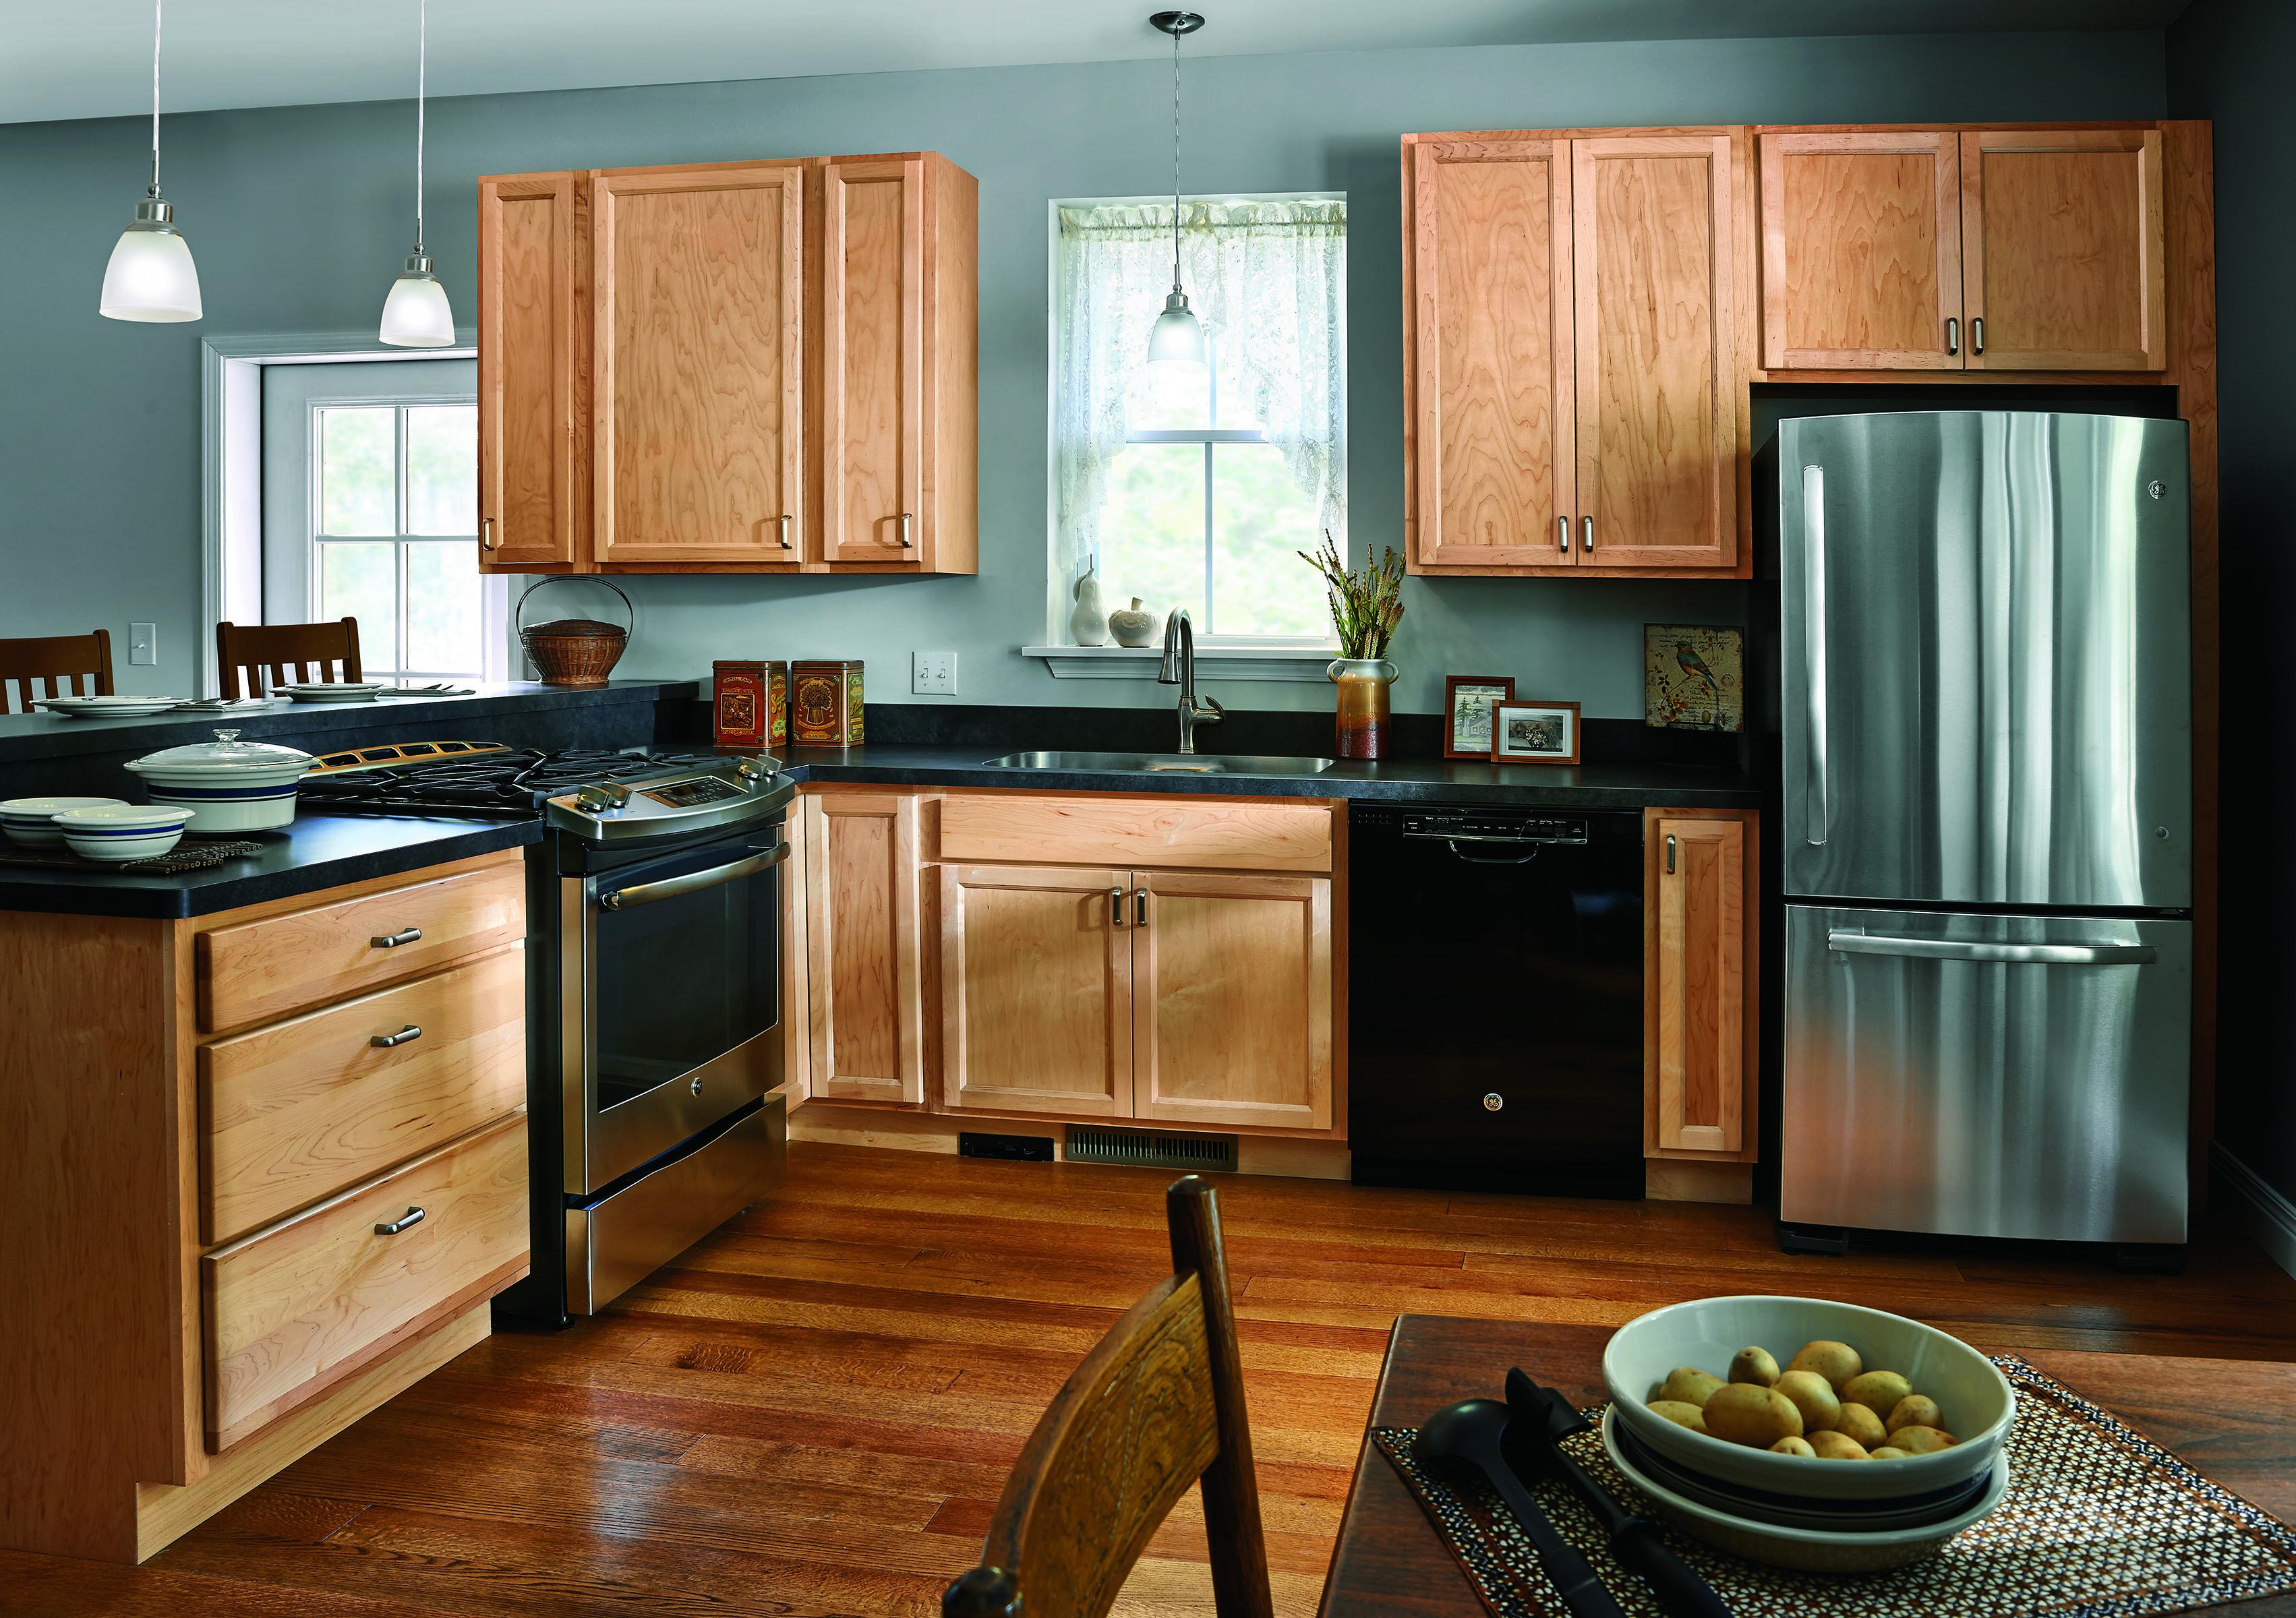 Door Style Valley Wood Species Maple Finish Natural C Haas Cabinet Kitchen Design Kitchen Kitchen Cabinets